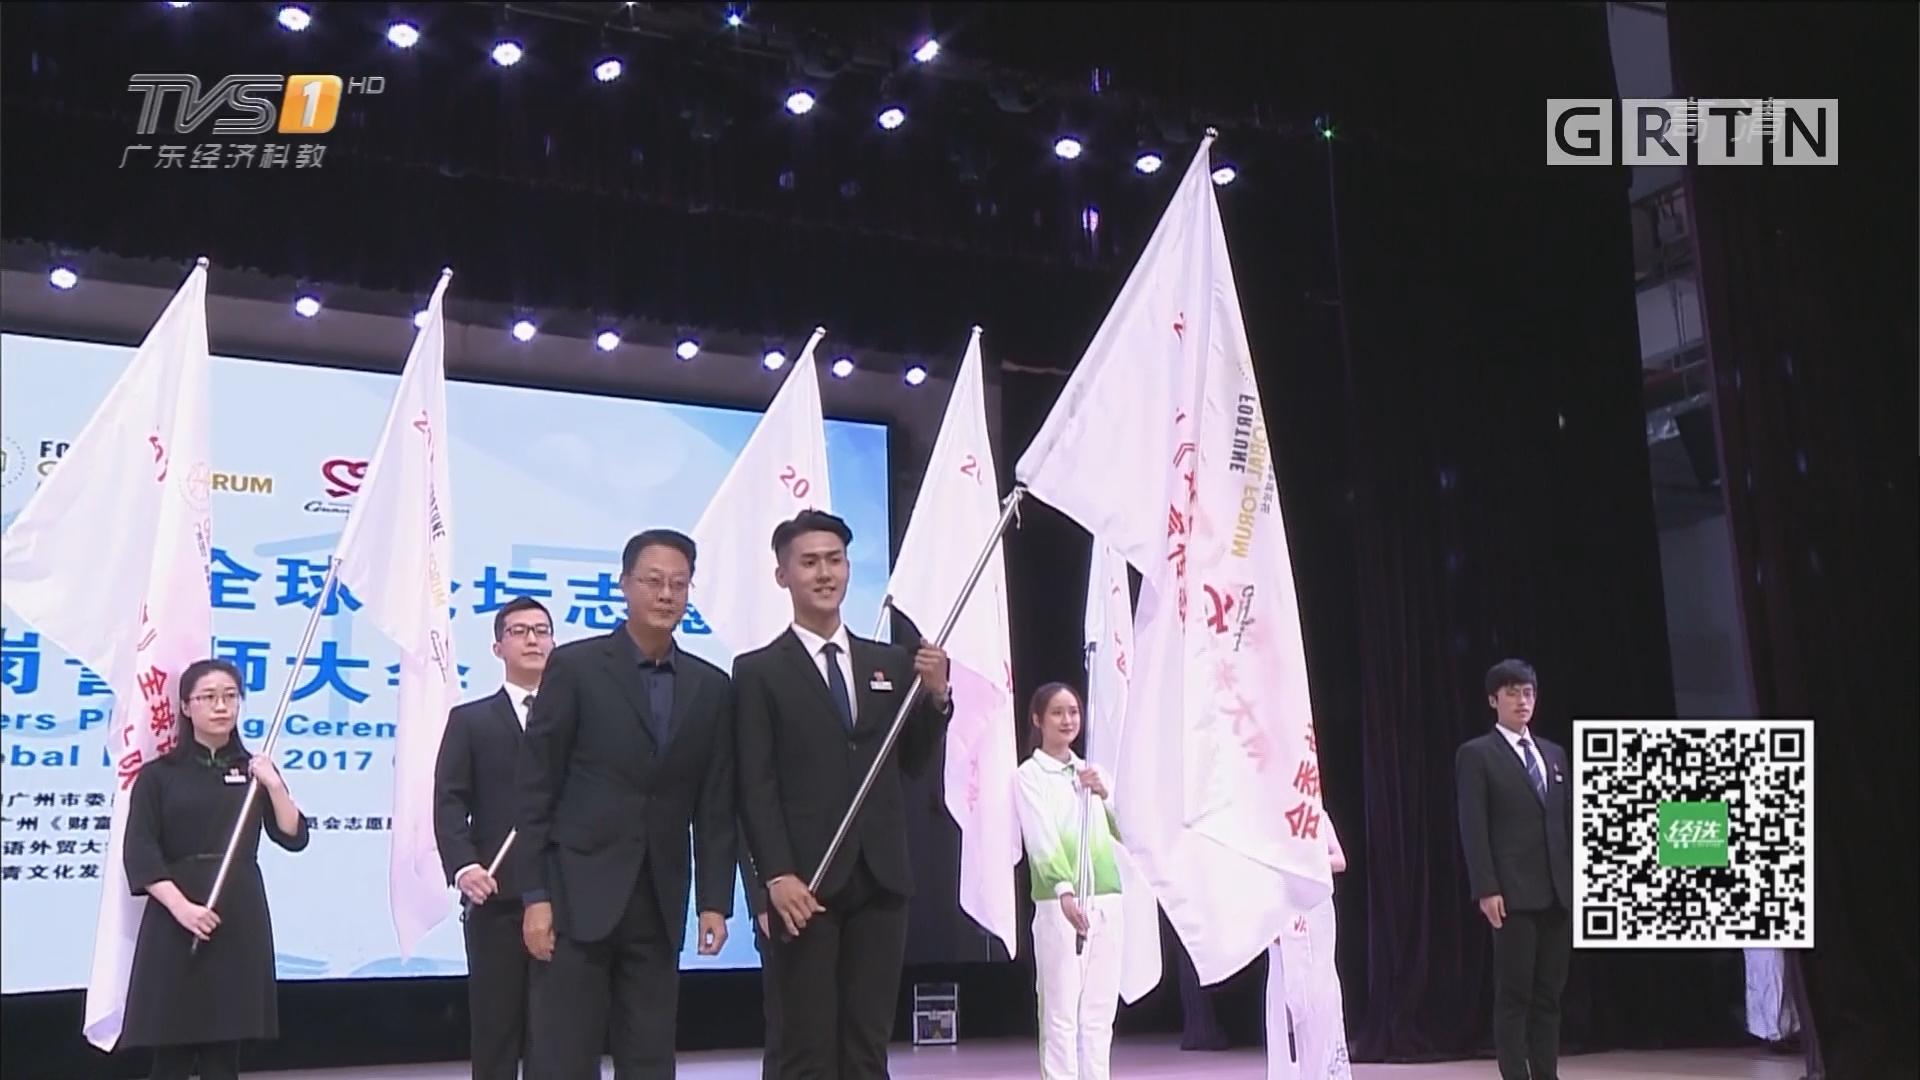 广州《财富》全球论坛倒计时!1200名志愿者宣誓上岗